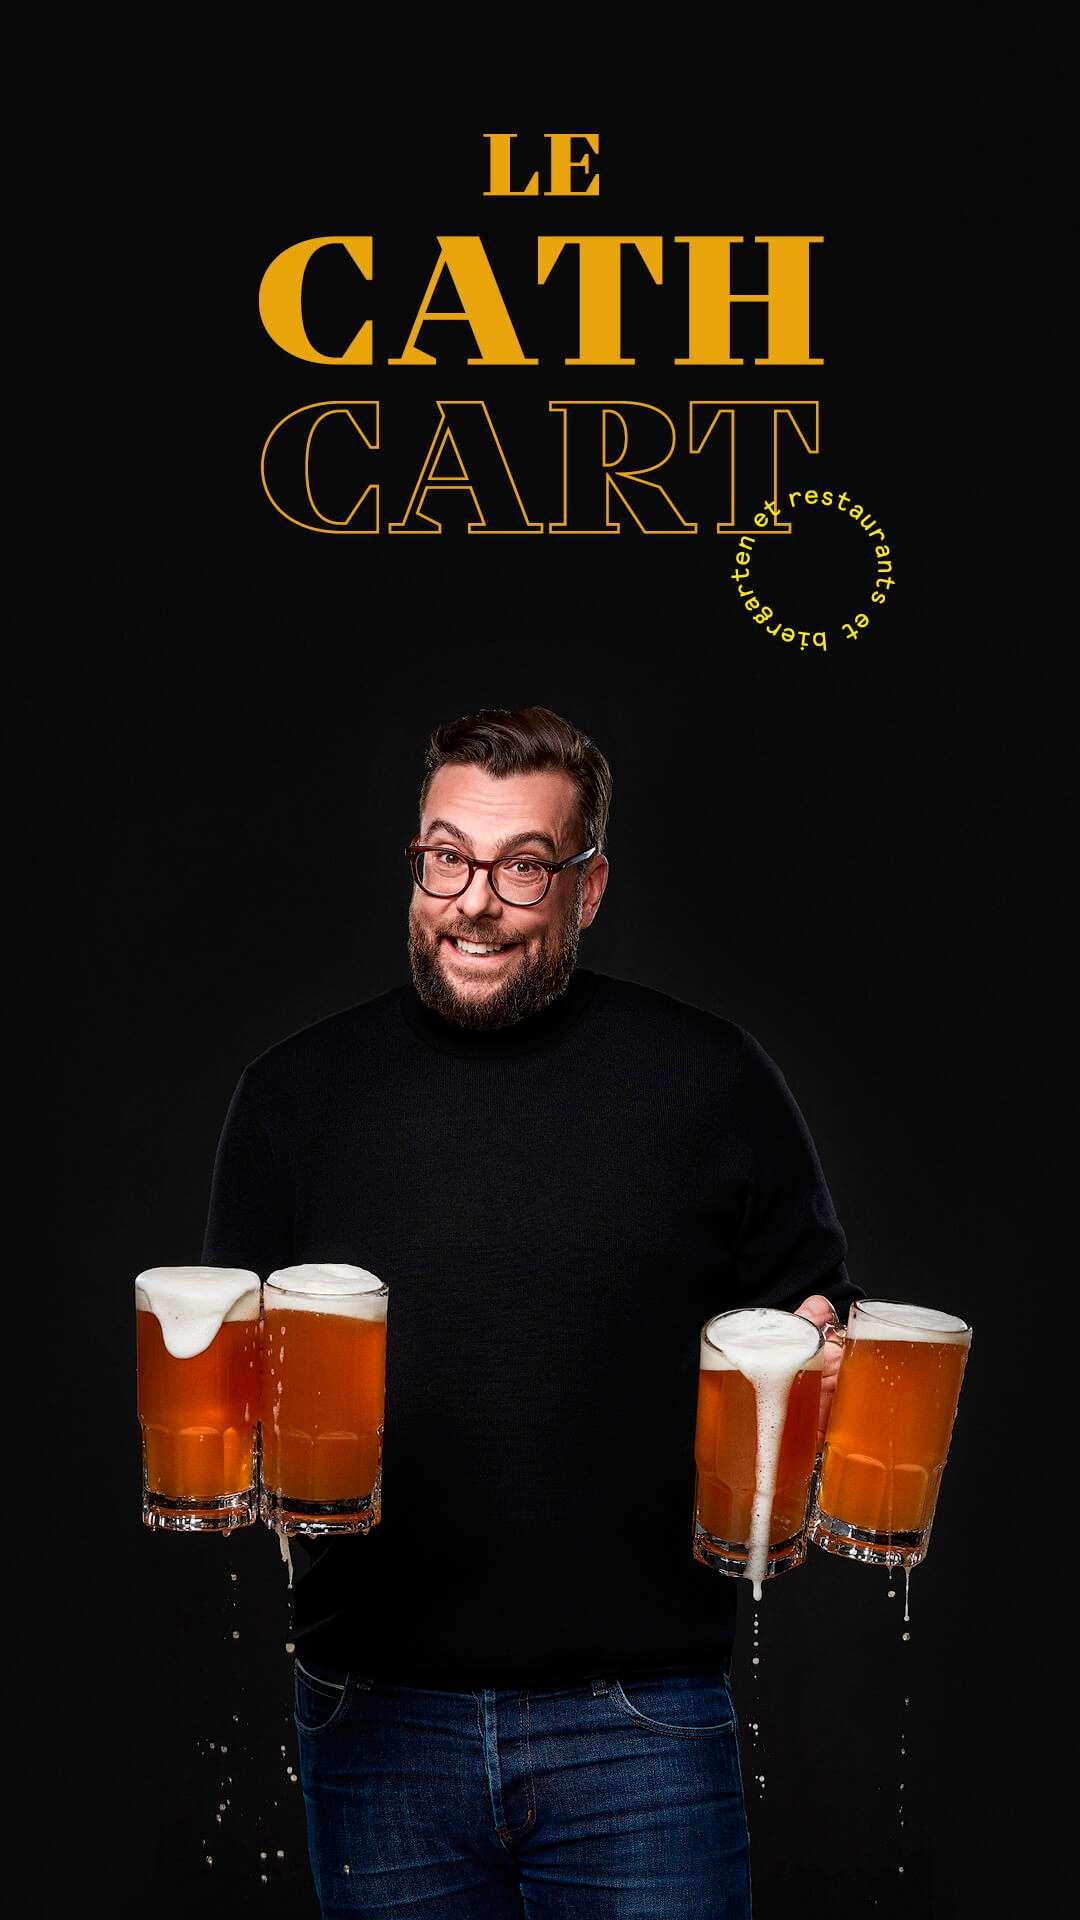 Stephane Pilon by Jocelyn Michel for Cathcart restaurant